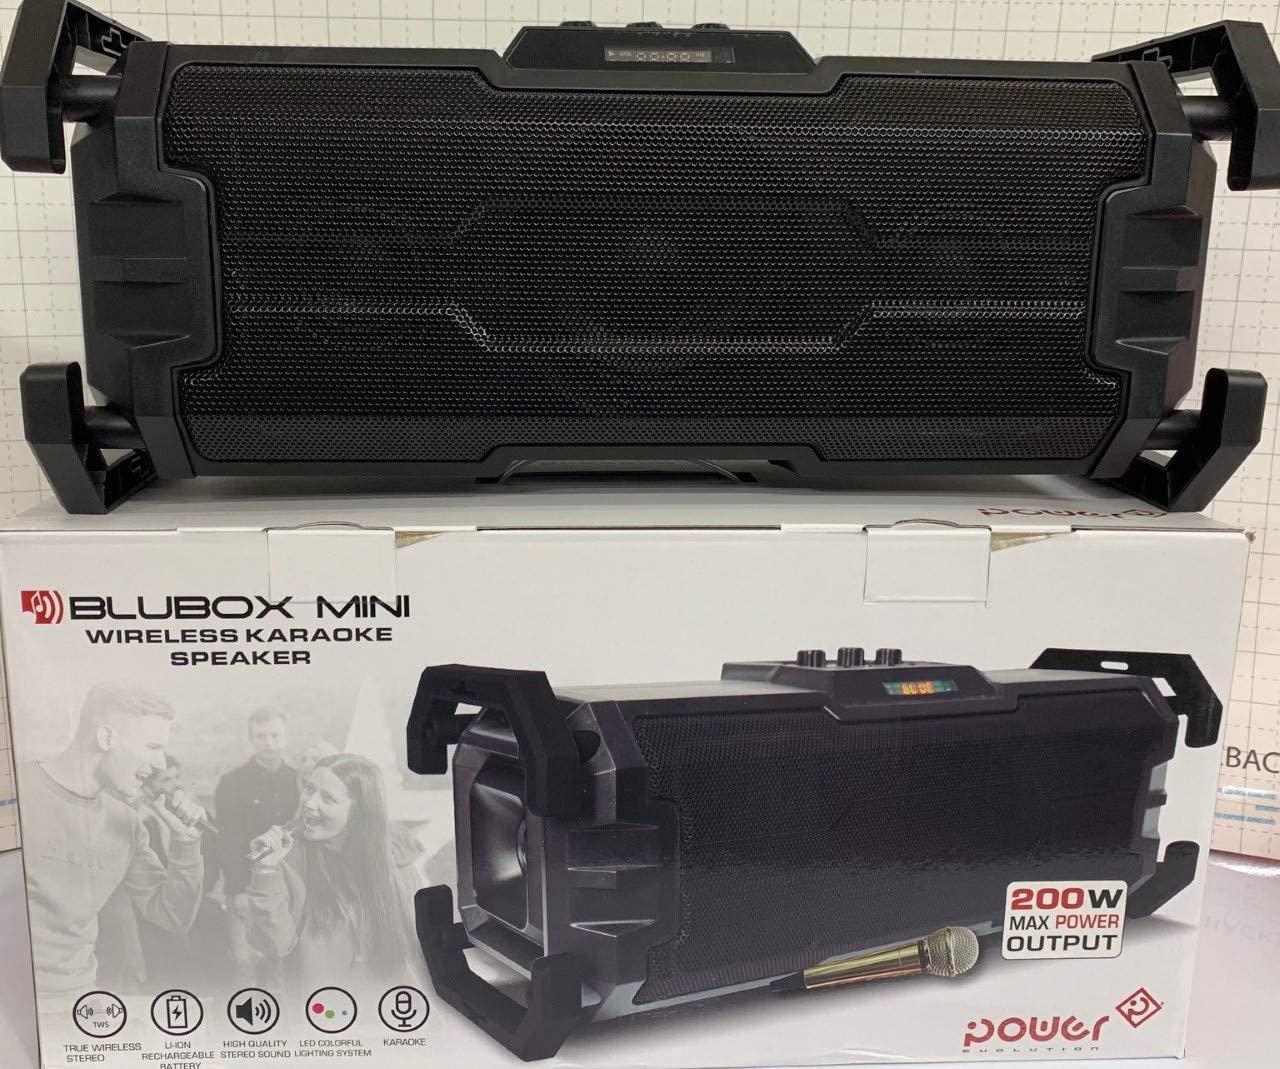 Power Blubox Mini Wireless Karaoke Speaker-Black